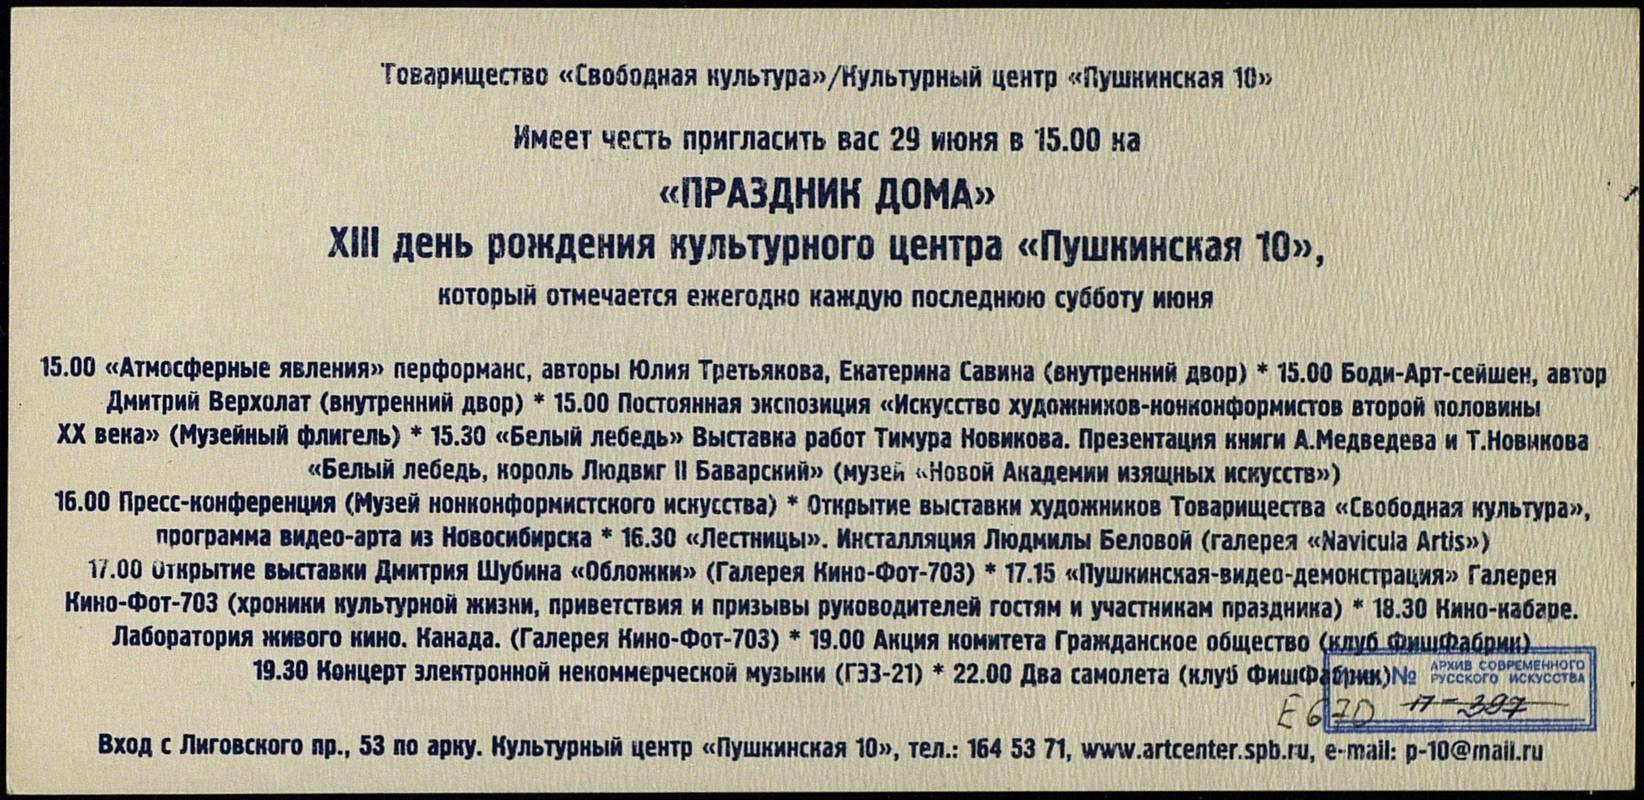 Праздник дома. XIII день рождения центра «Пушкинская 10»